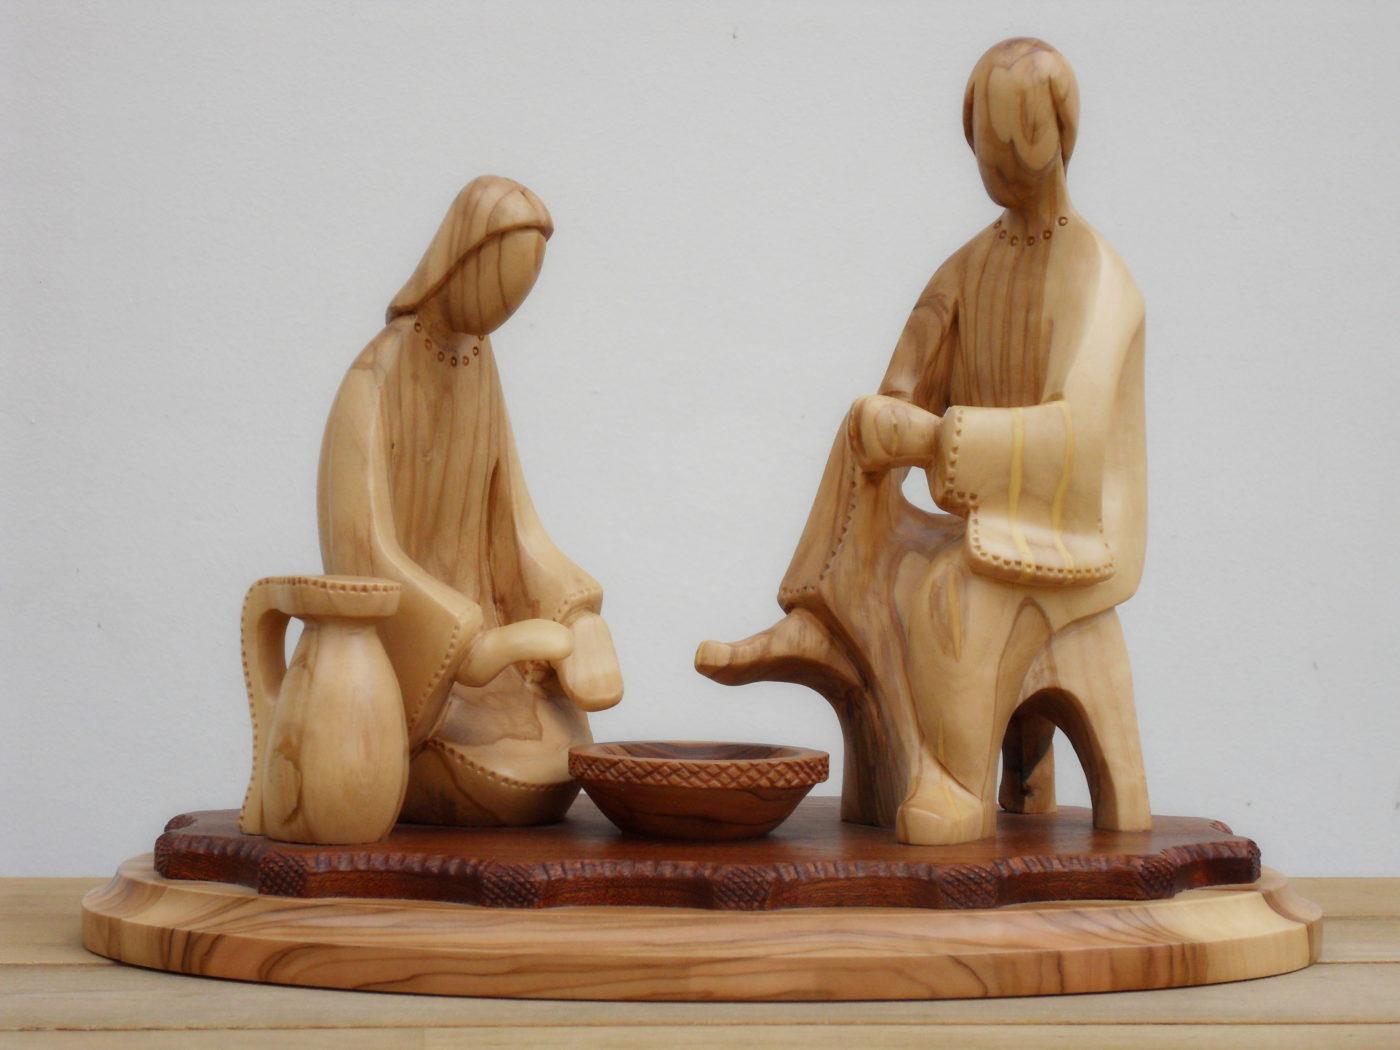 Le lavement des pieds © Bethléem, L.T. | B.D. 2020